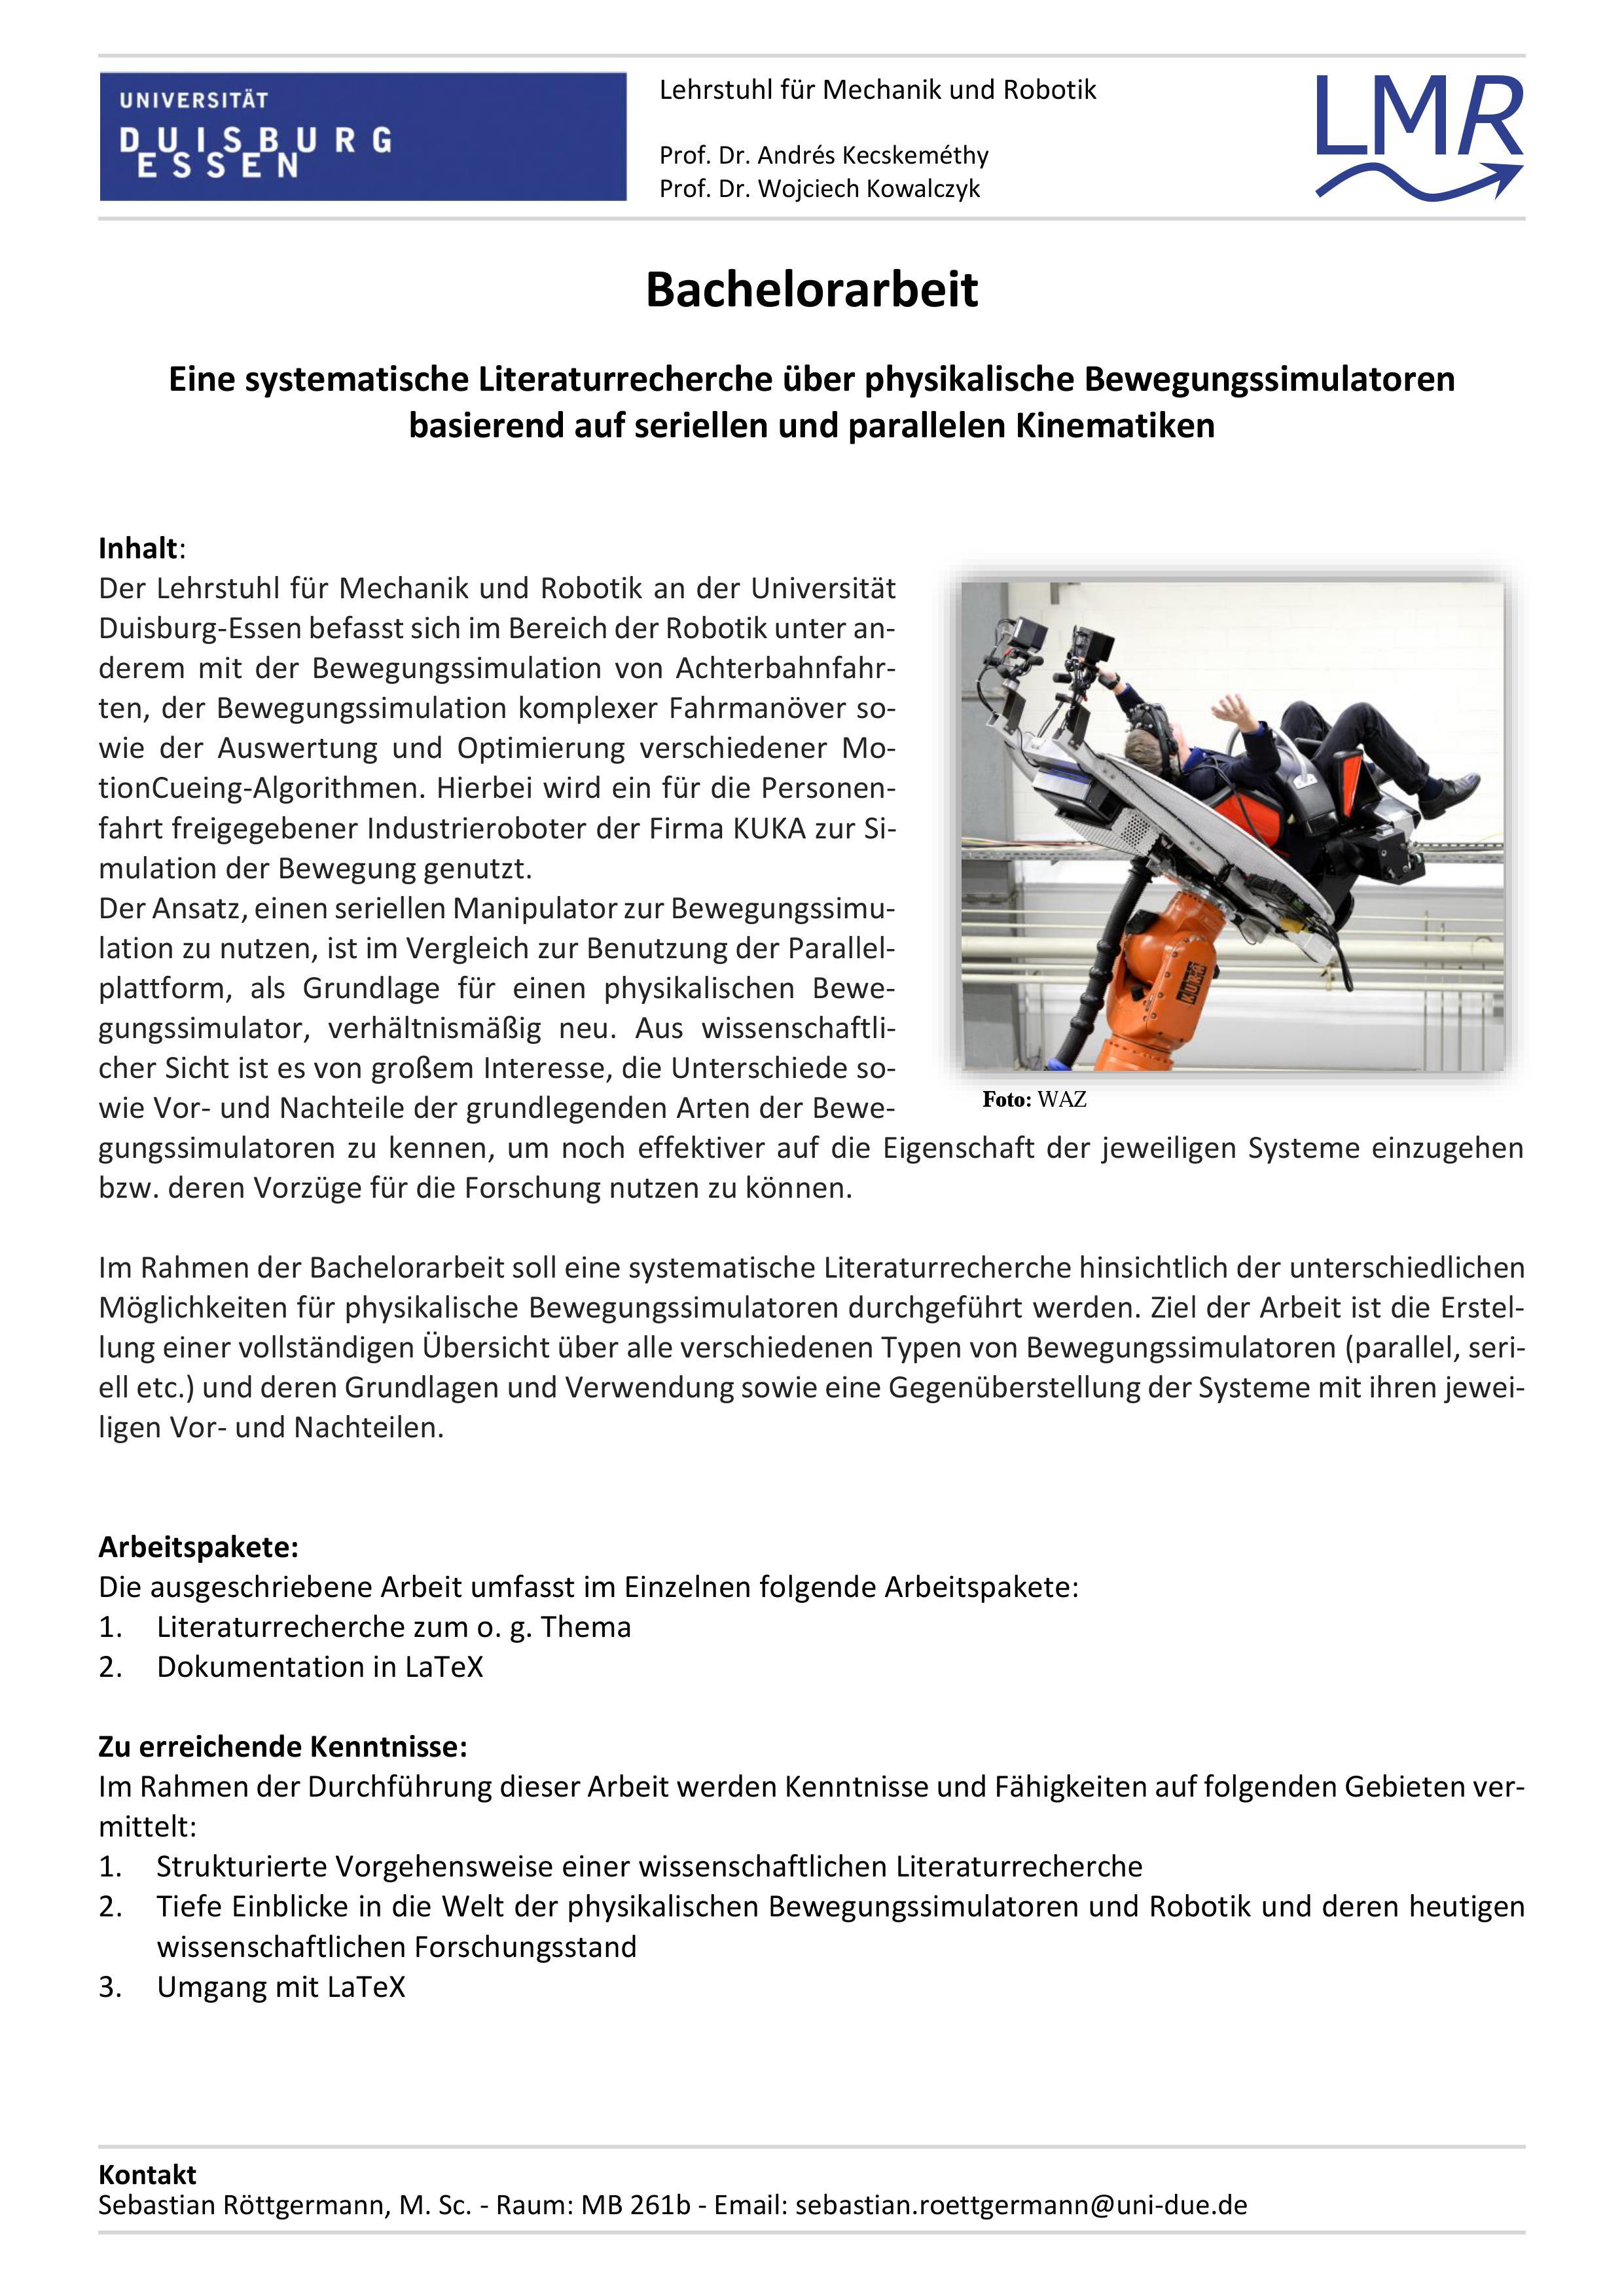 Ziemlich Individuelle Diplomrahmen Zeitgenössisch - Rahmen Ideen ...